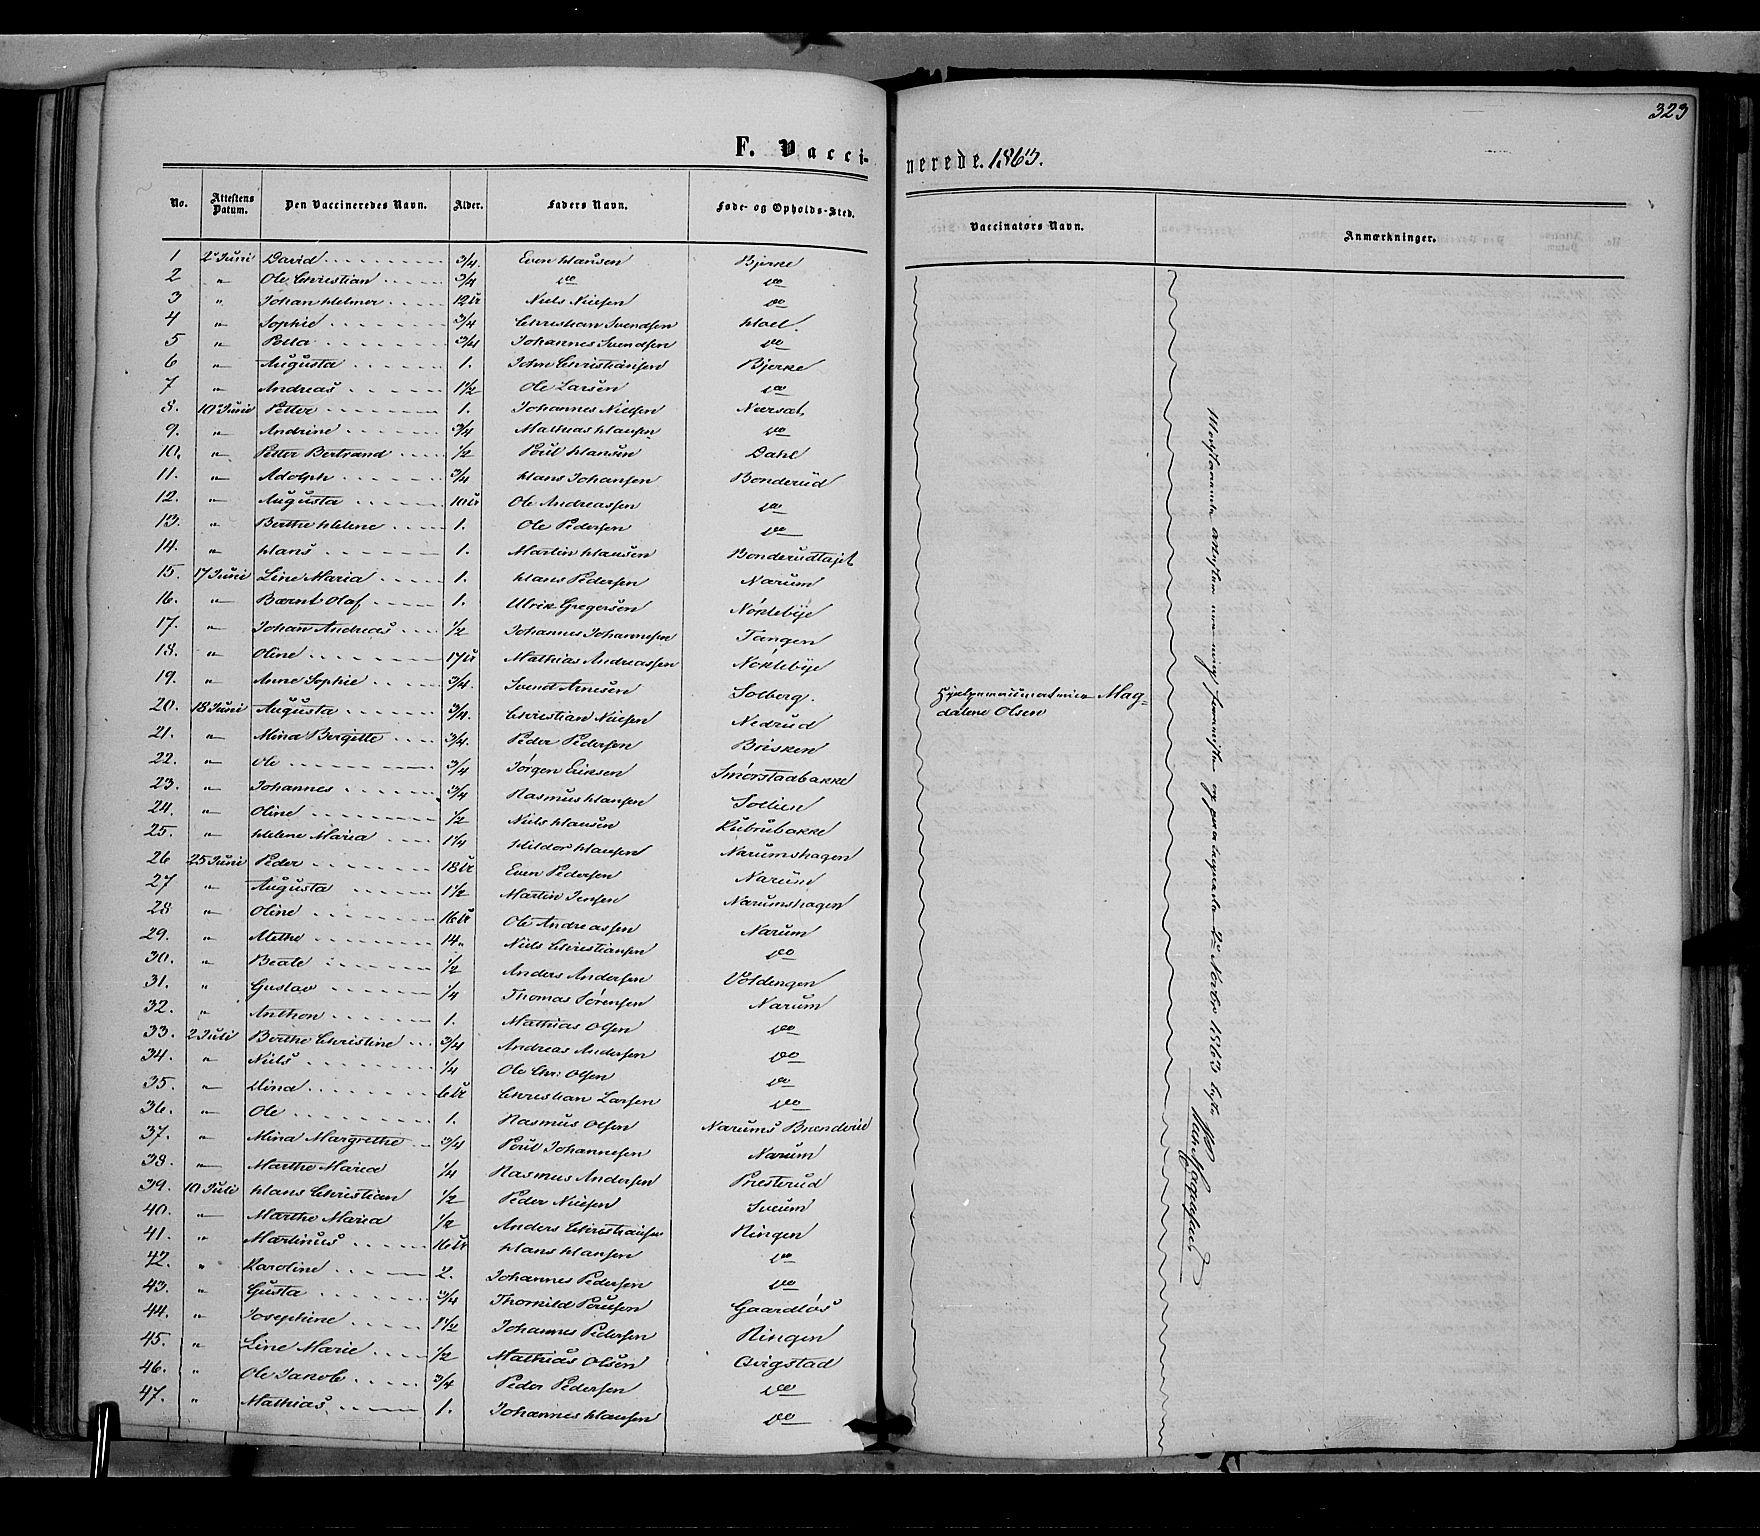 SAH, Vestre Toten prestekontor, Ministerialbok nr. 7, 1862-1869, s. 323